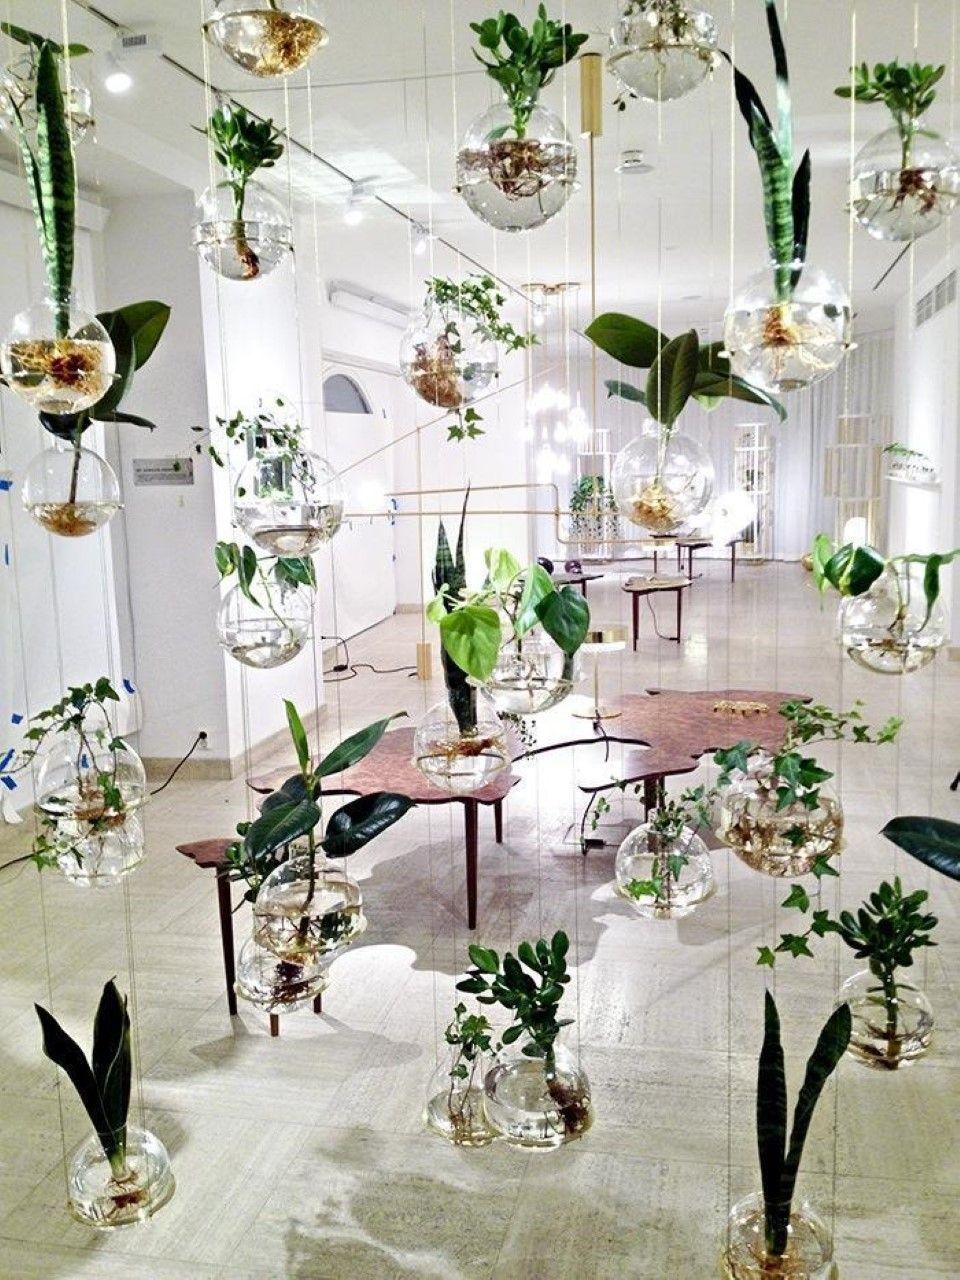 hand blown glass terrarium unique home interior decorating idea